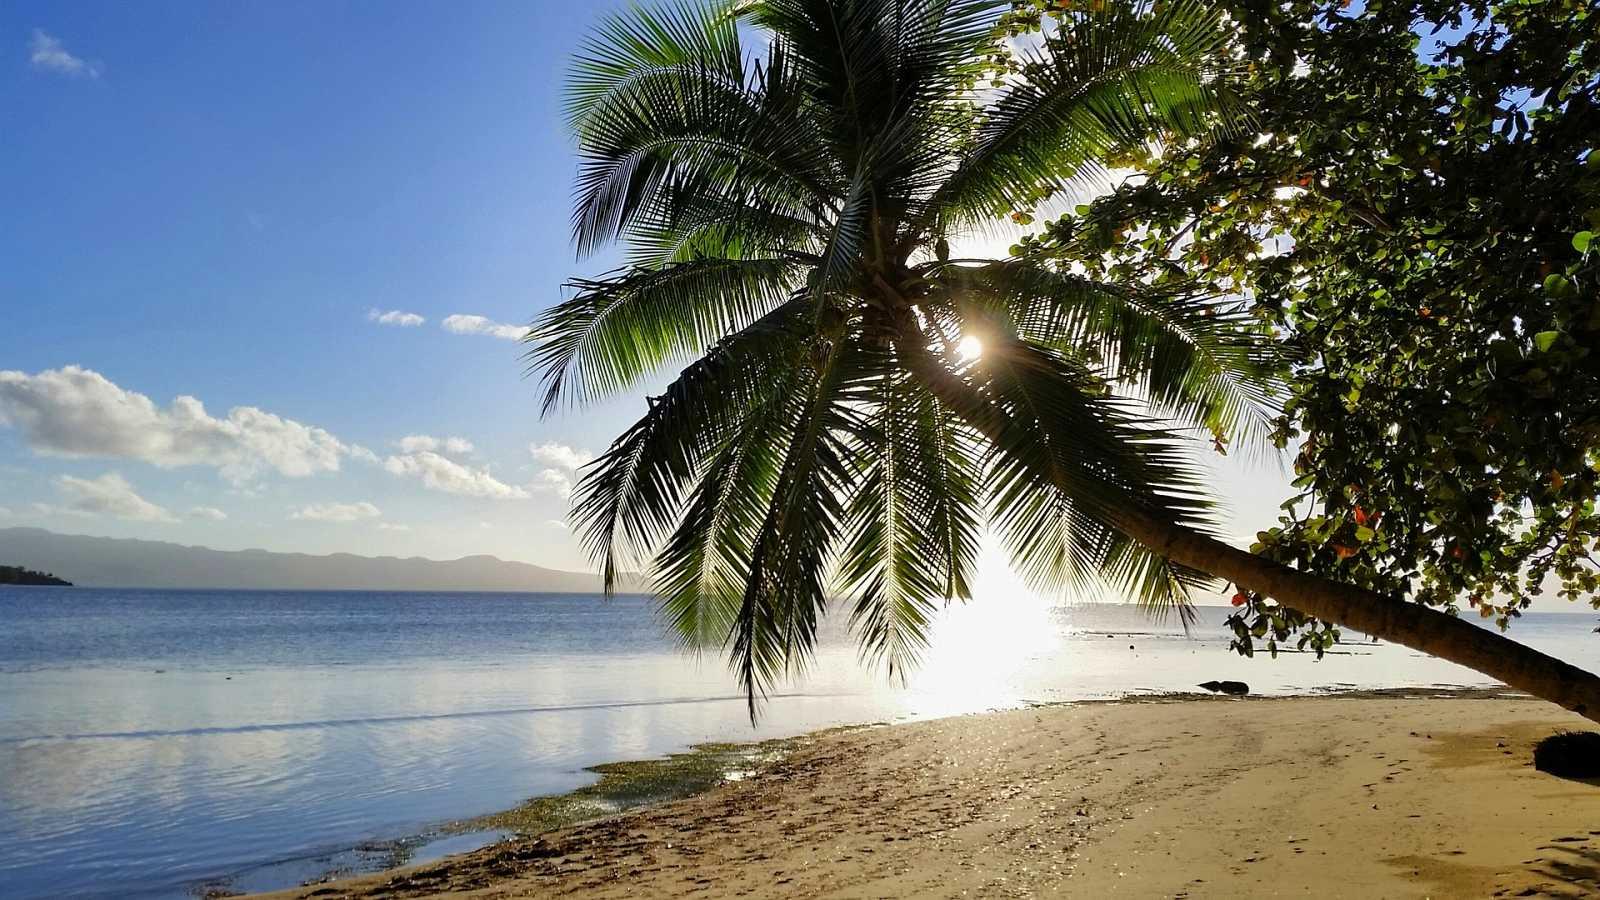 Nómadas - Fiyi: islas felices en los mares del sur - 19/12/20 - escuchar ahora